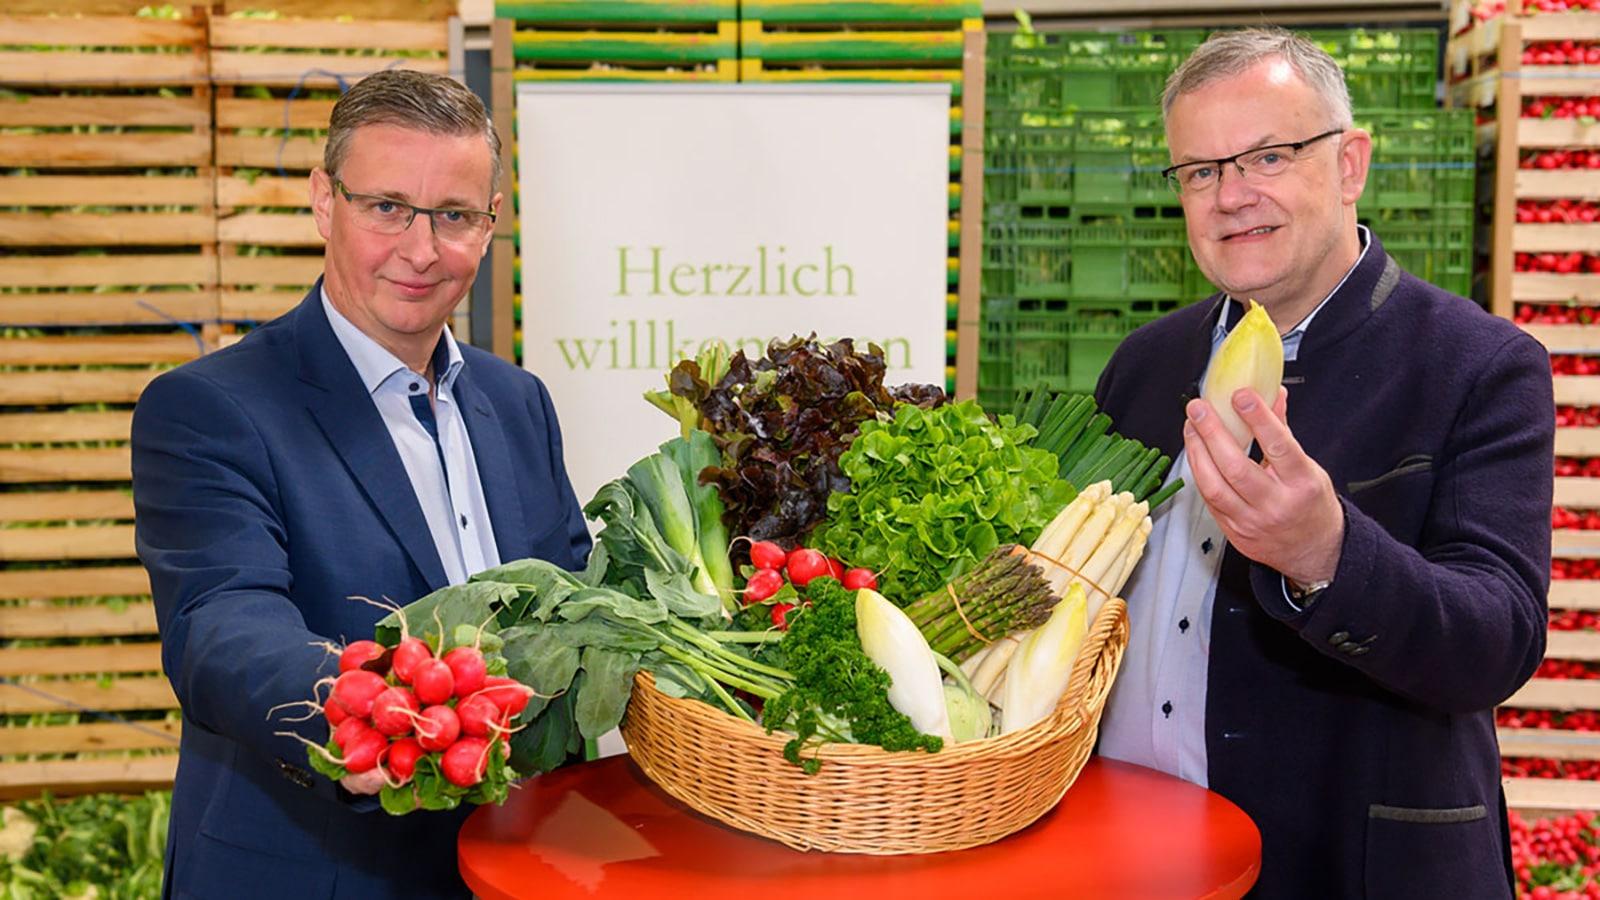 Pfalzmarkt Saisonstart 2019 mit dem Vorstand des Pfalzmarktes